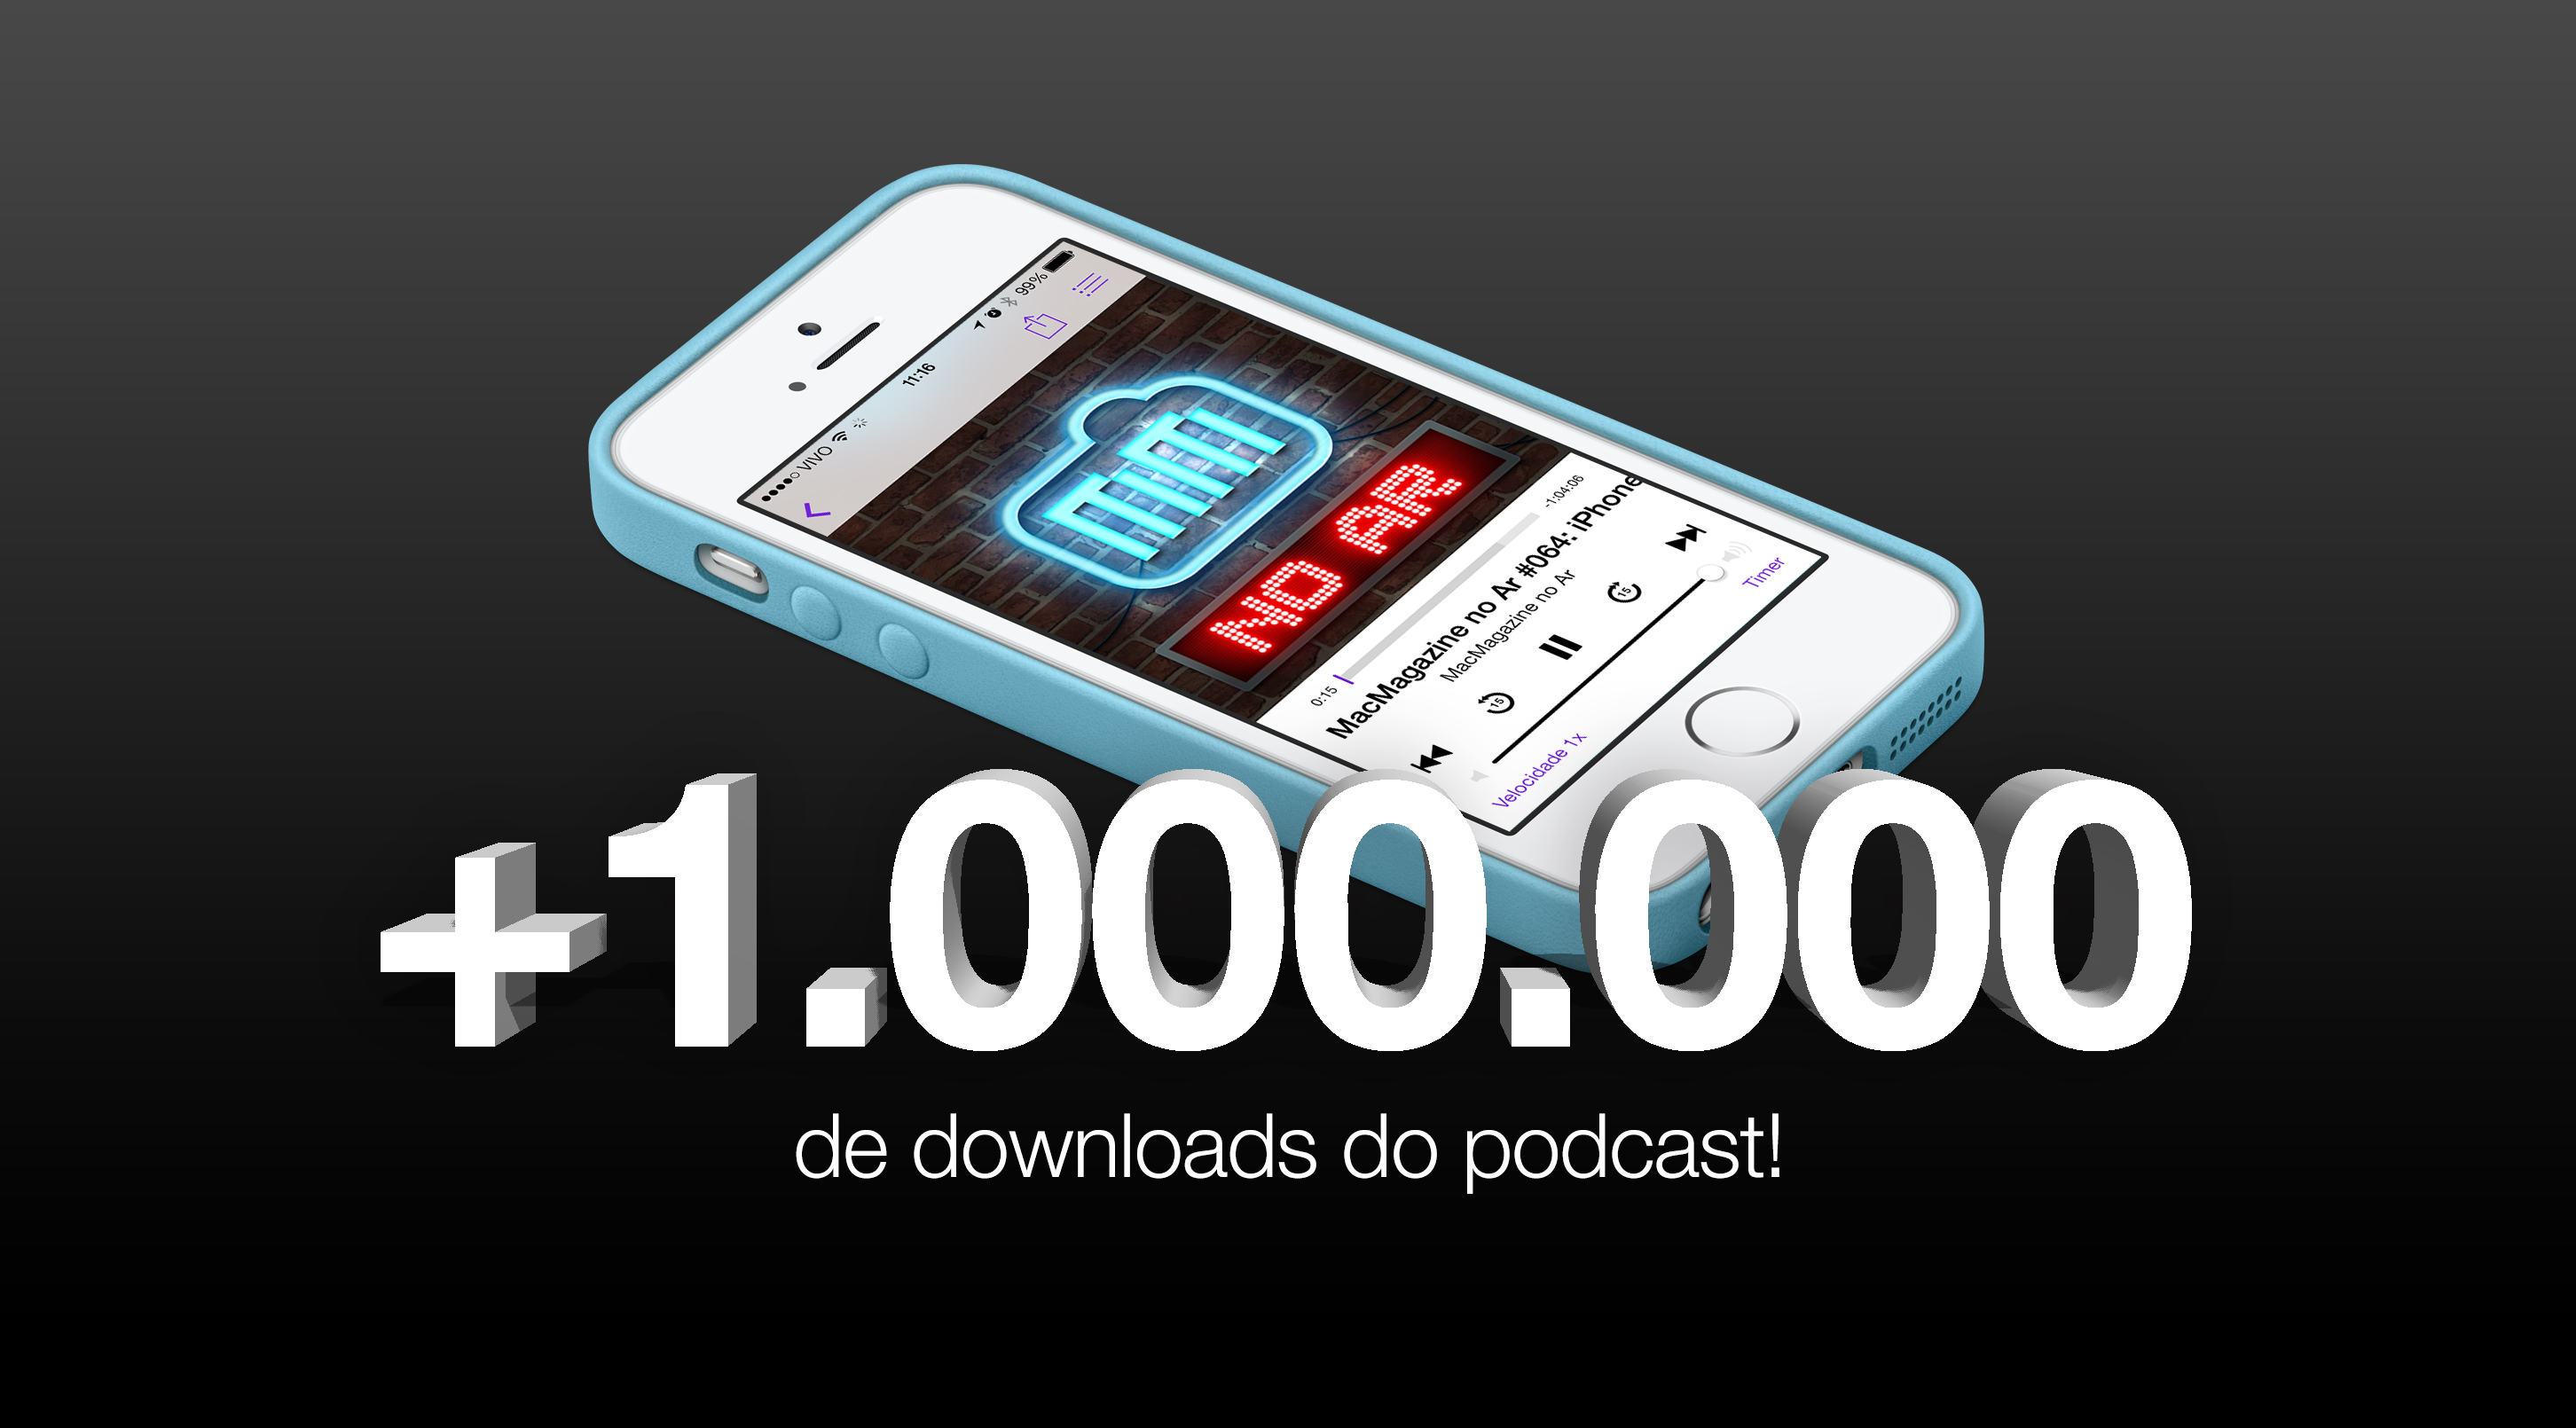 1.000.000 de downloads do podcast - MacMagazine no Ar